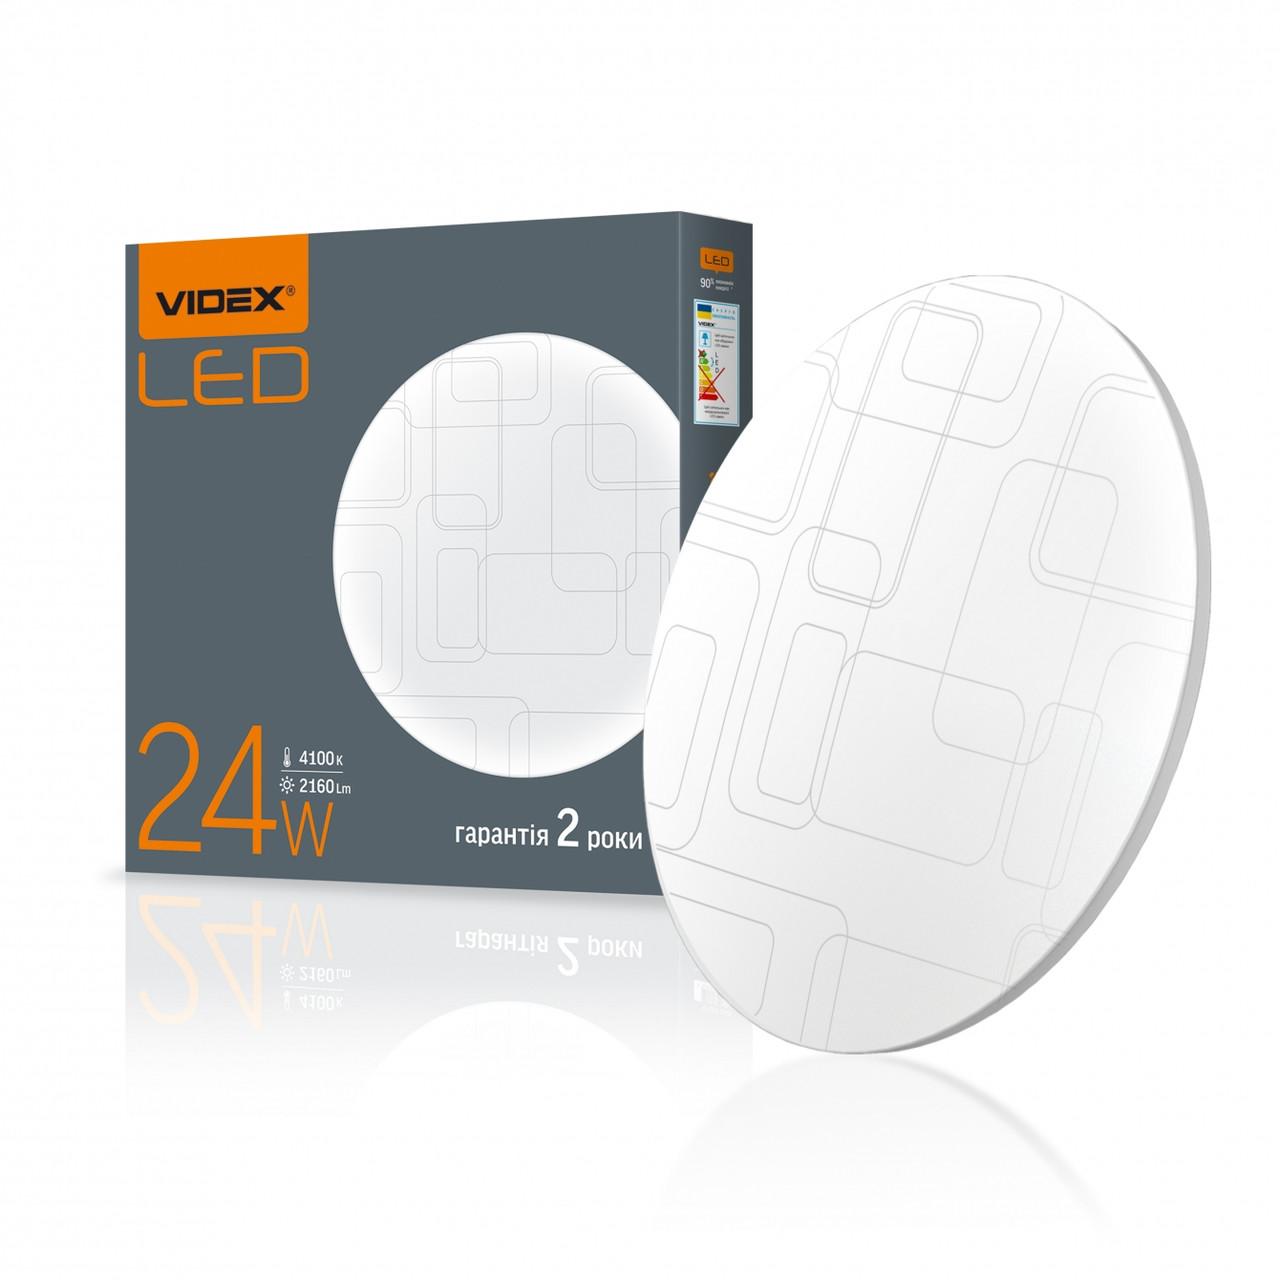 LED светильник настенно-потолочный VIDEX 24W 4100K Прямоугольники